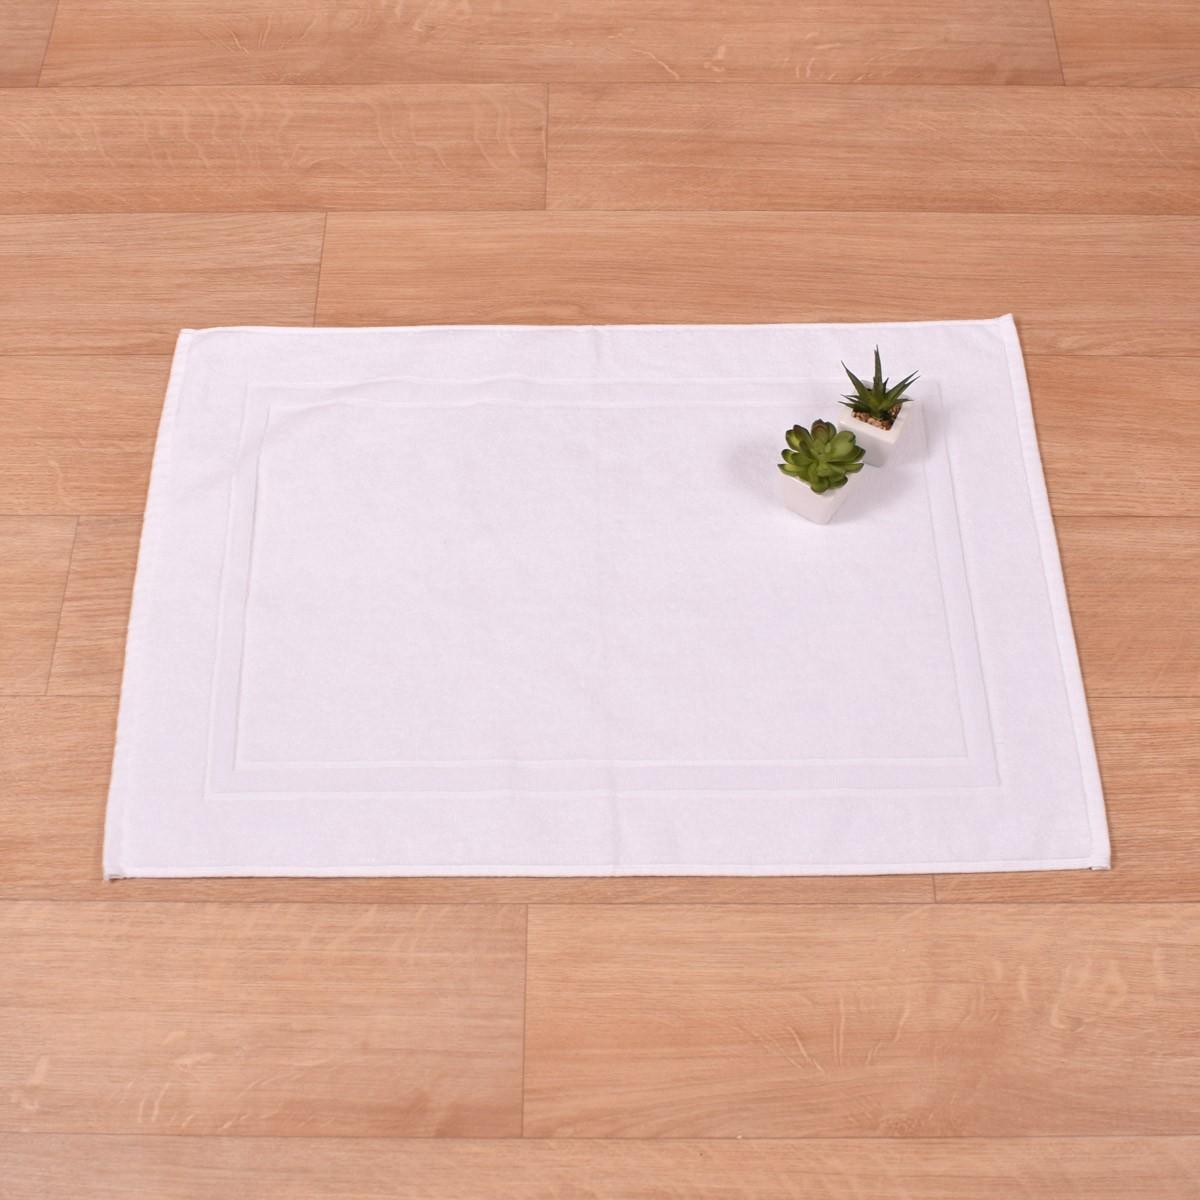 Πετσετέ Πατάκι Μπάνιου (50×75) Κορνίζα Λευκό 700gr/m2 73692